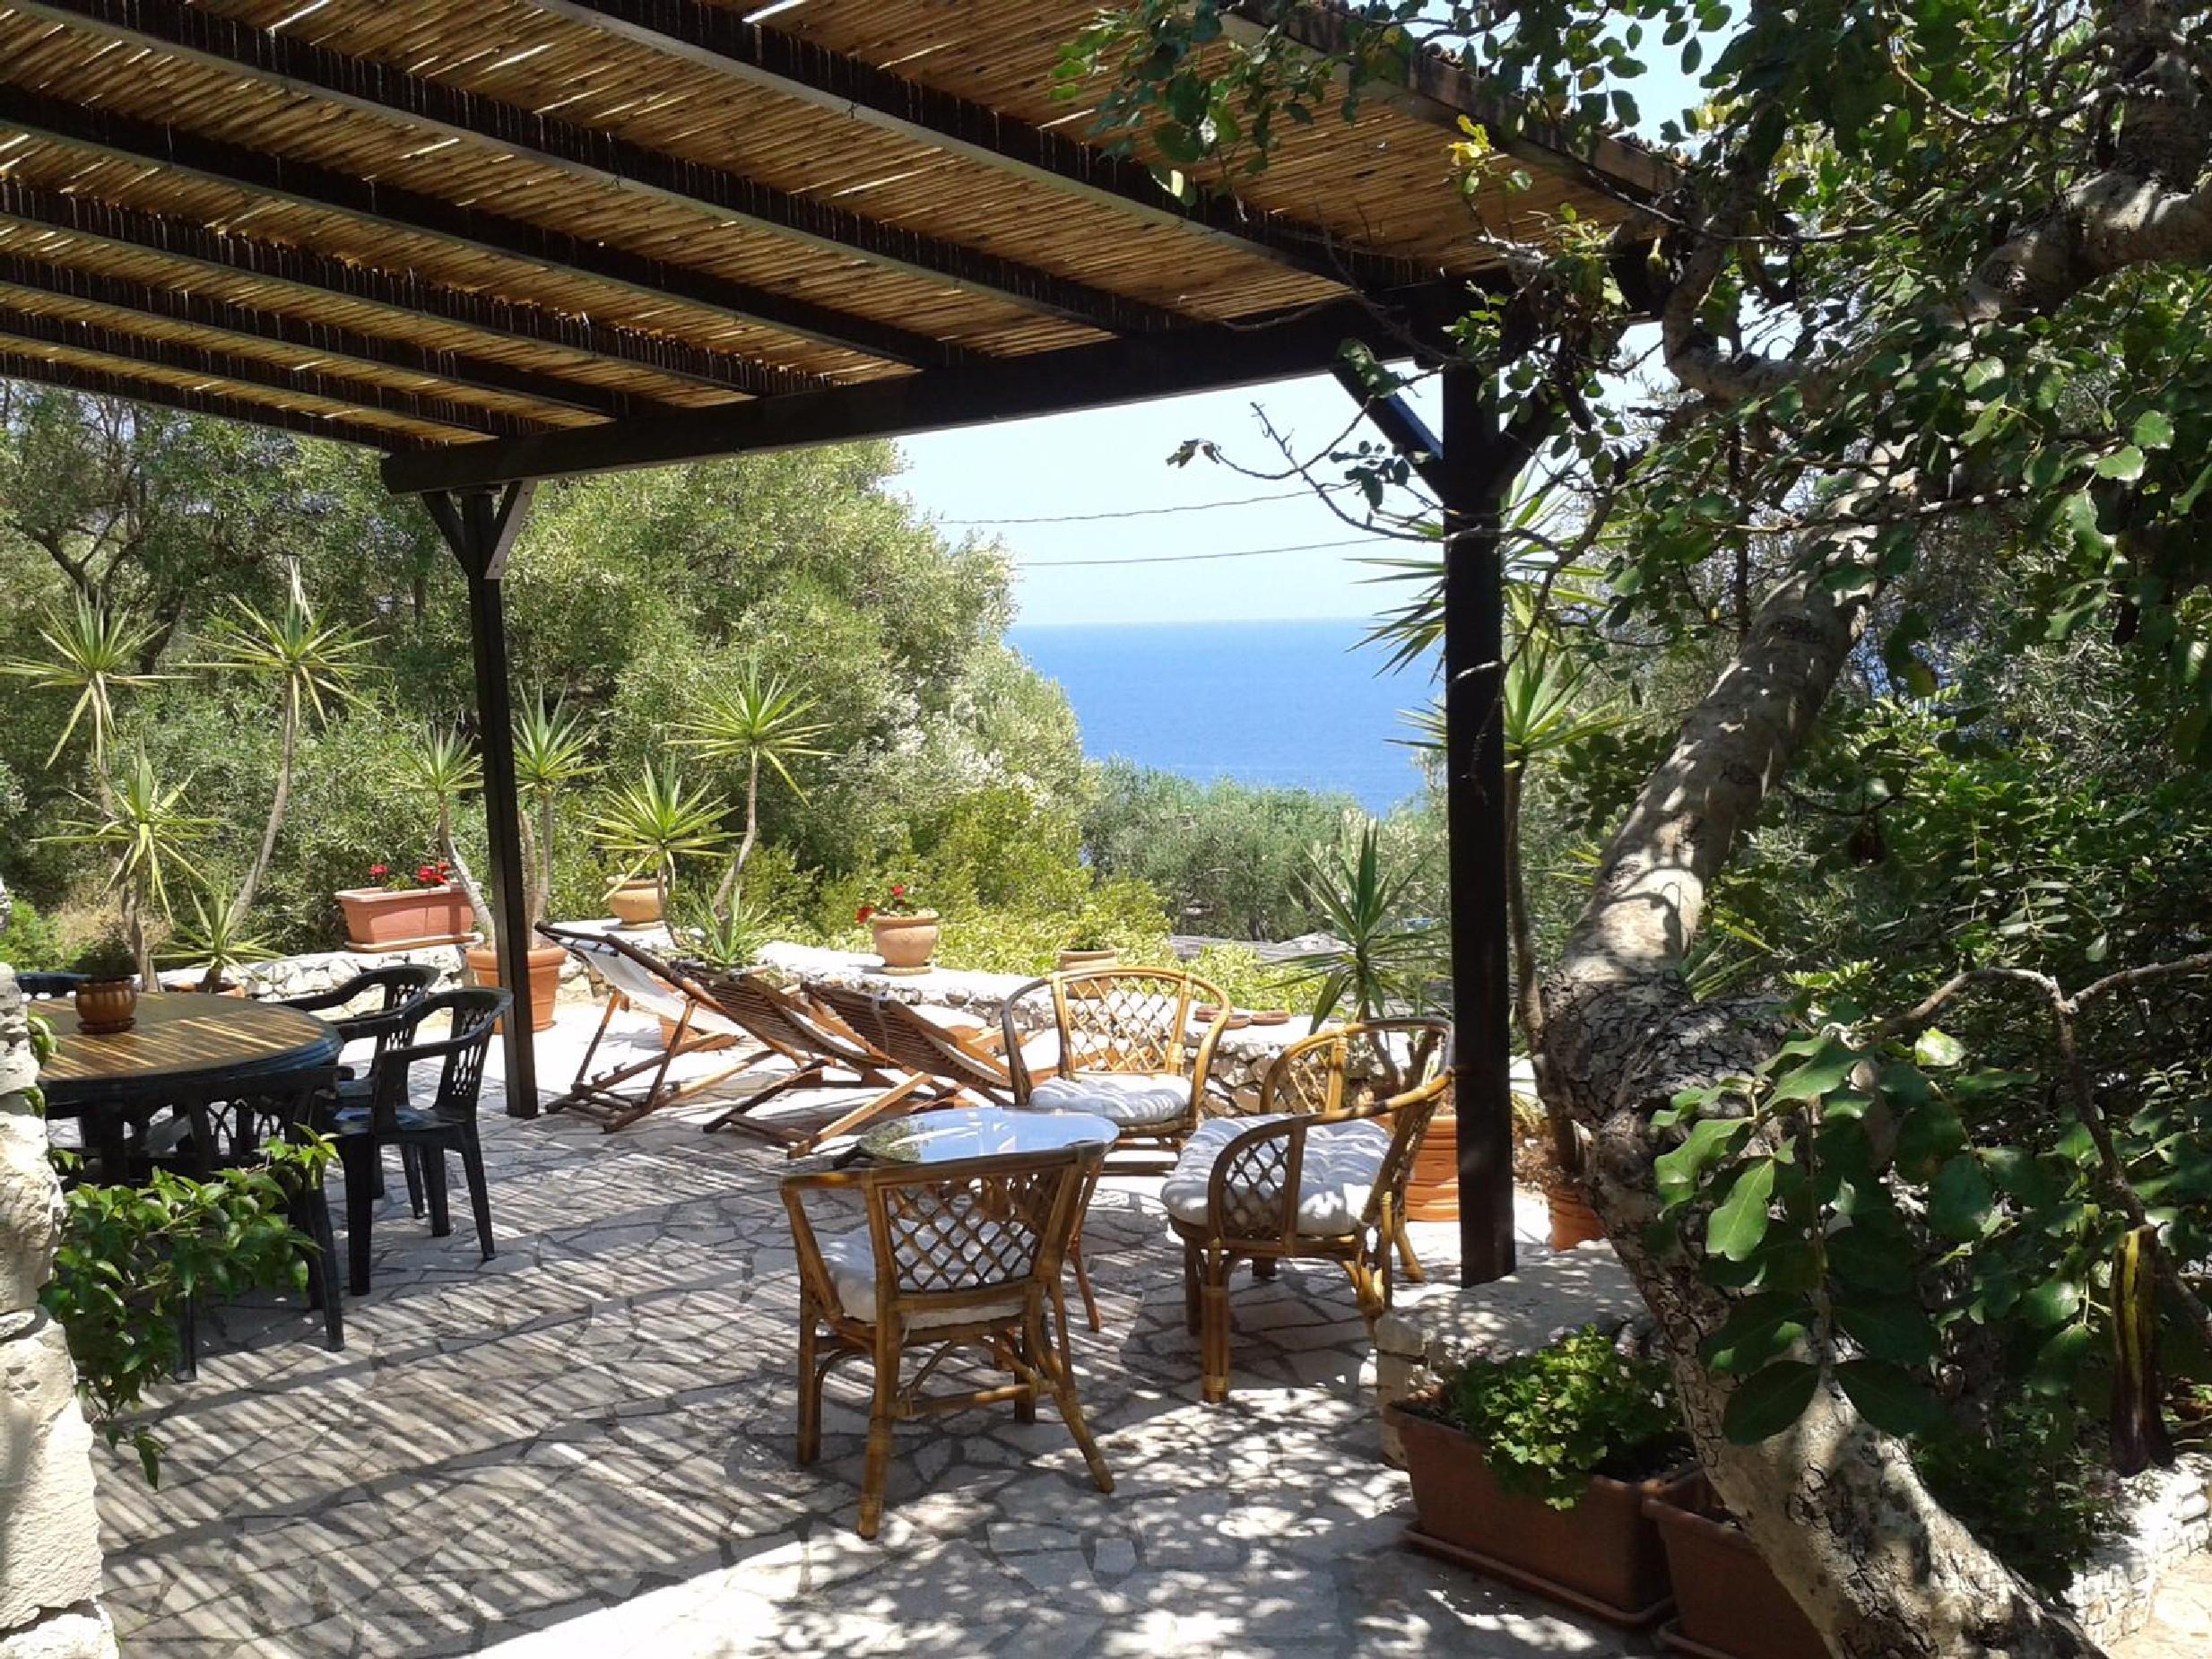 Apartment Mirto Sopra - casa in pietra sul mare photo 21137379